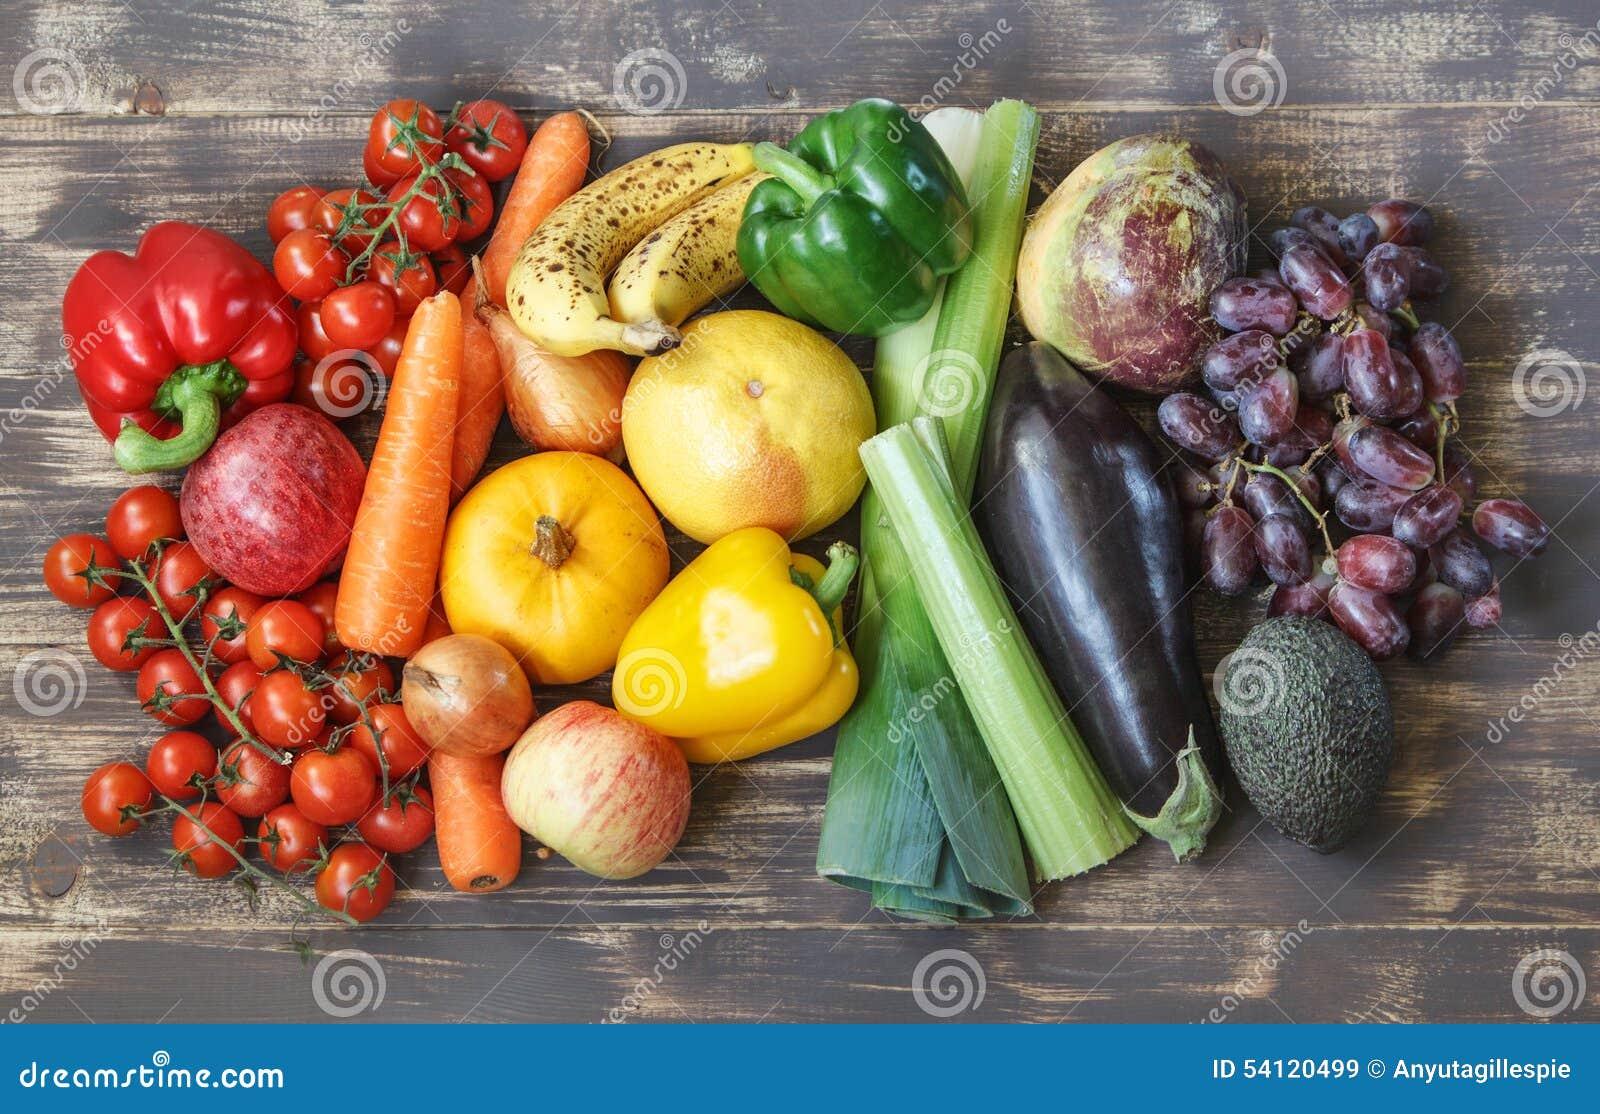 Photos de nourriture avec des fruits et légumes dans une disposition d arc-en-ciel